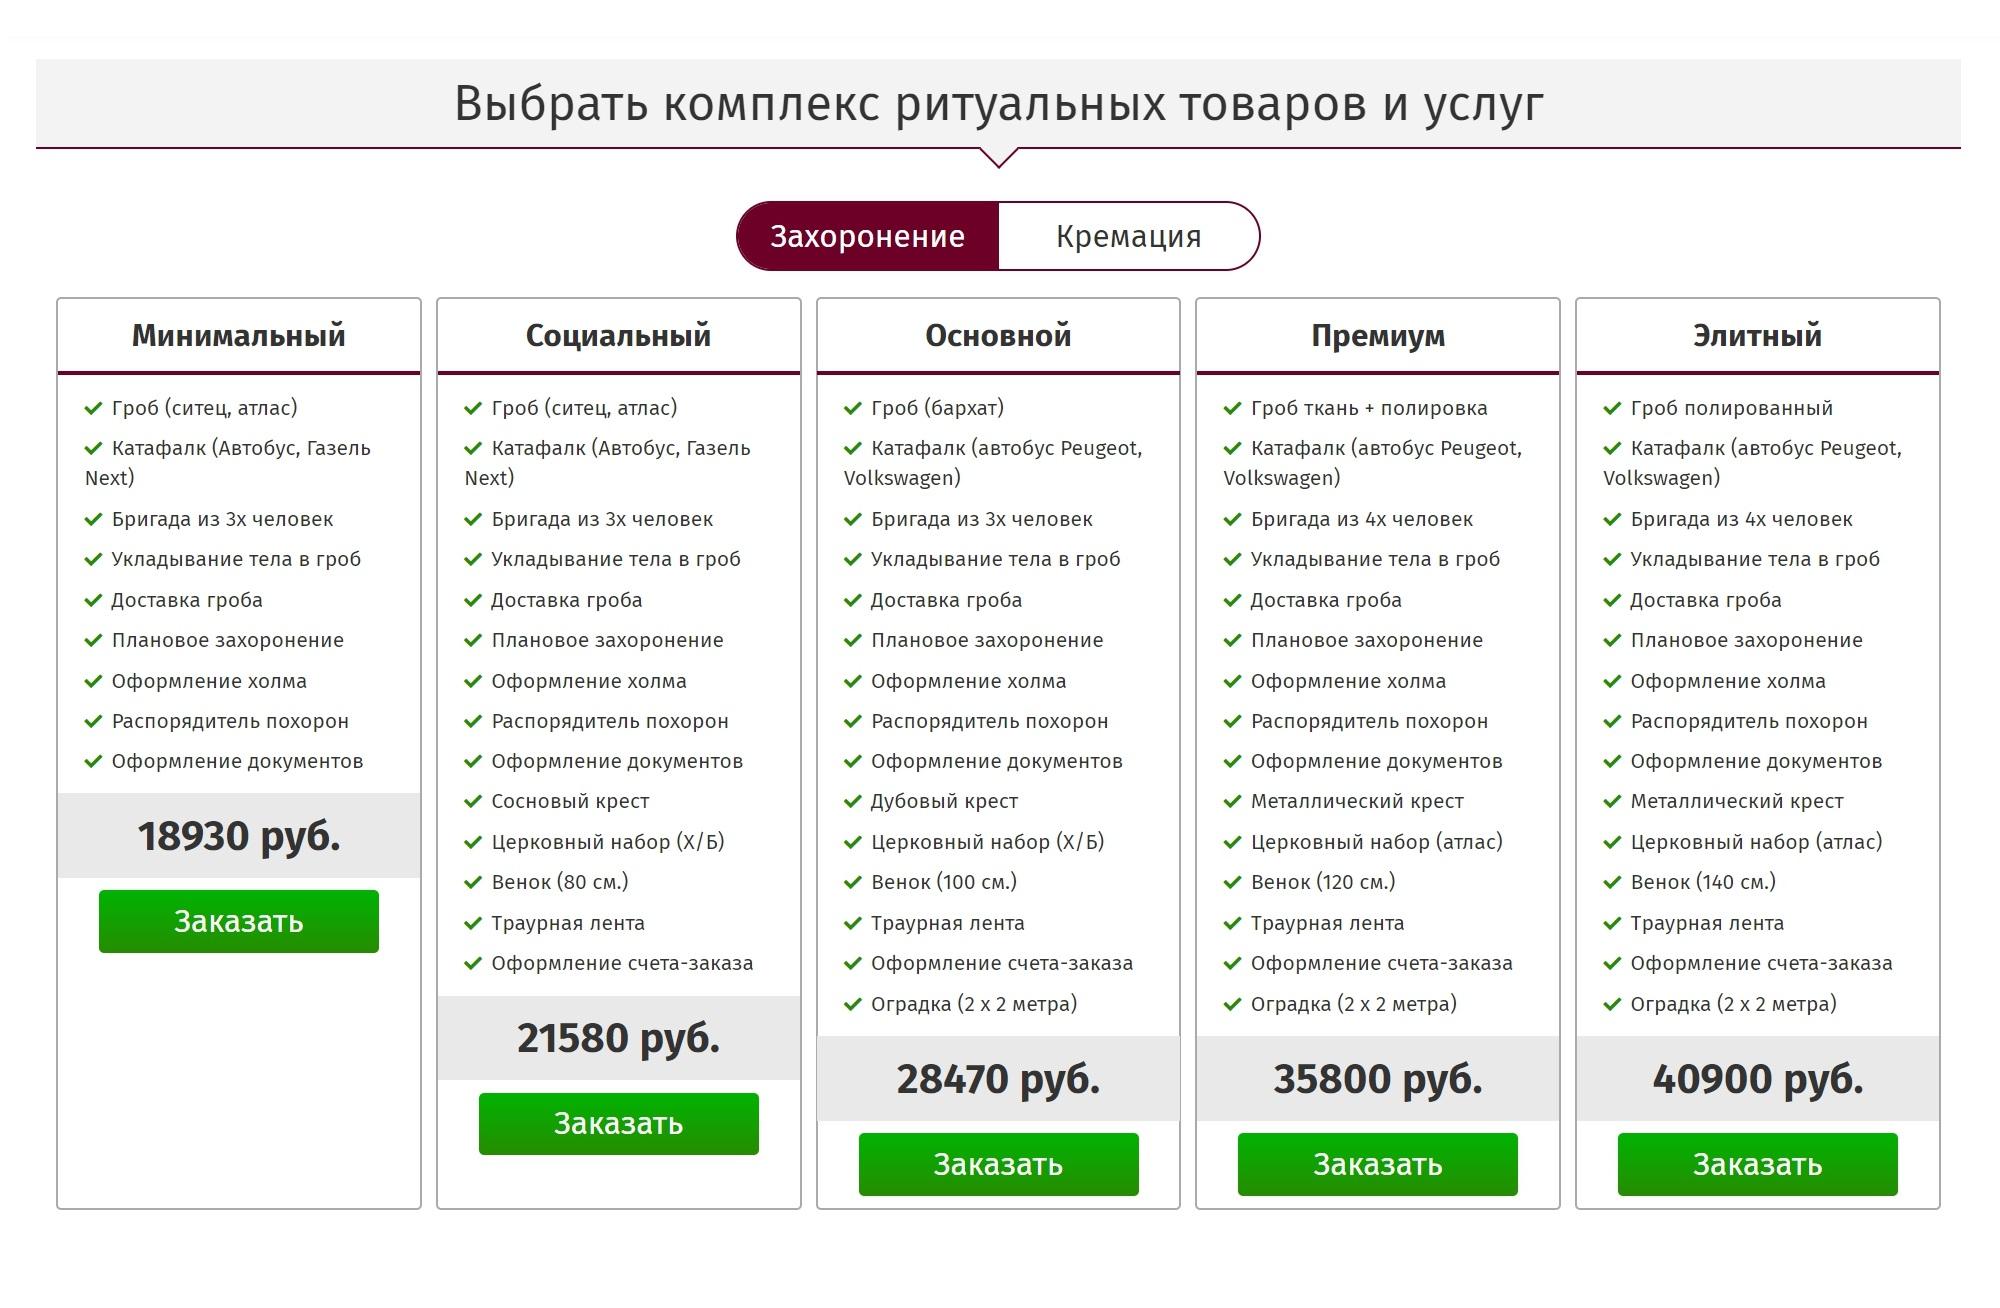 В Саратове похороны в одной из ритуальных компаний обойдутся минимум в 18 930{amp}amp;nbsp;рублей